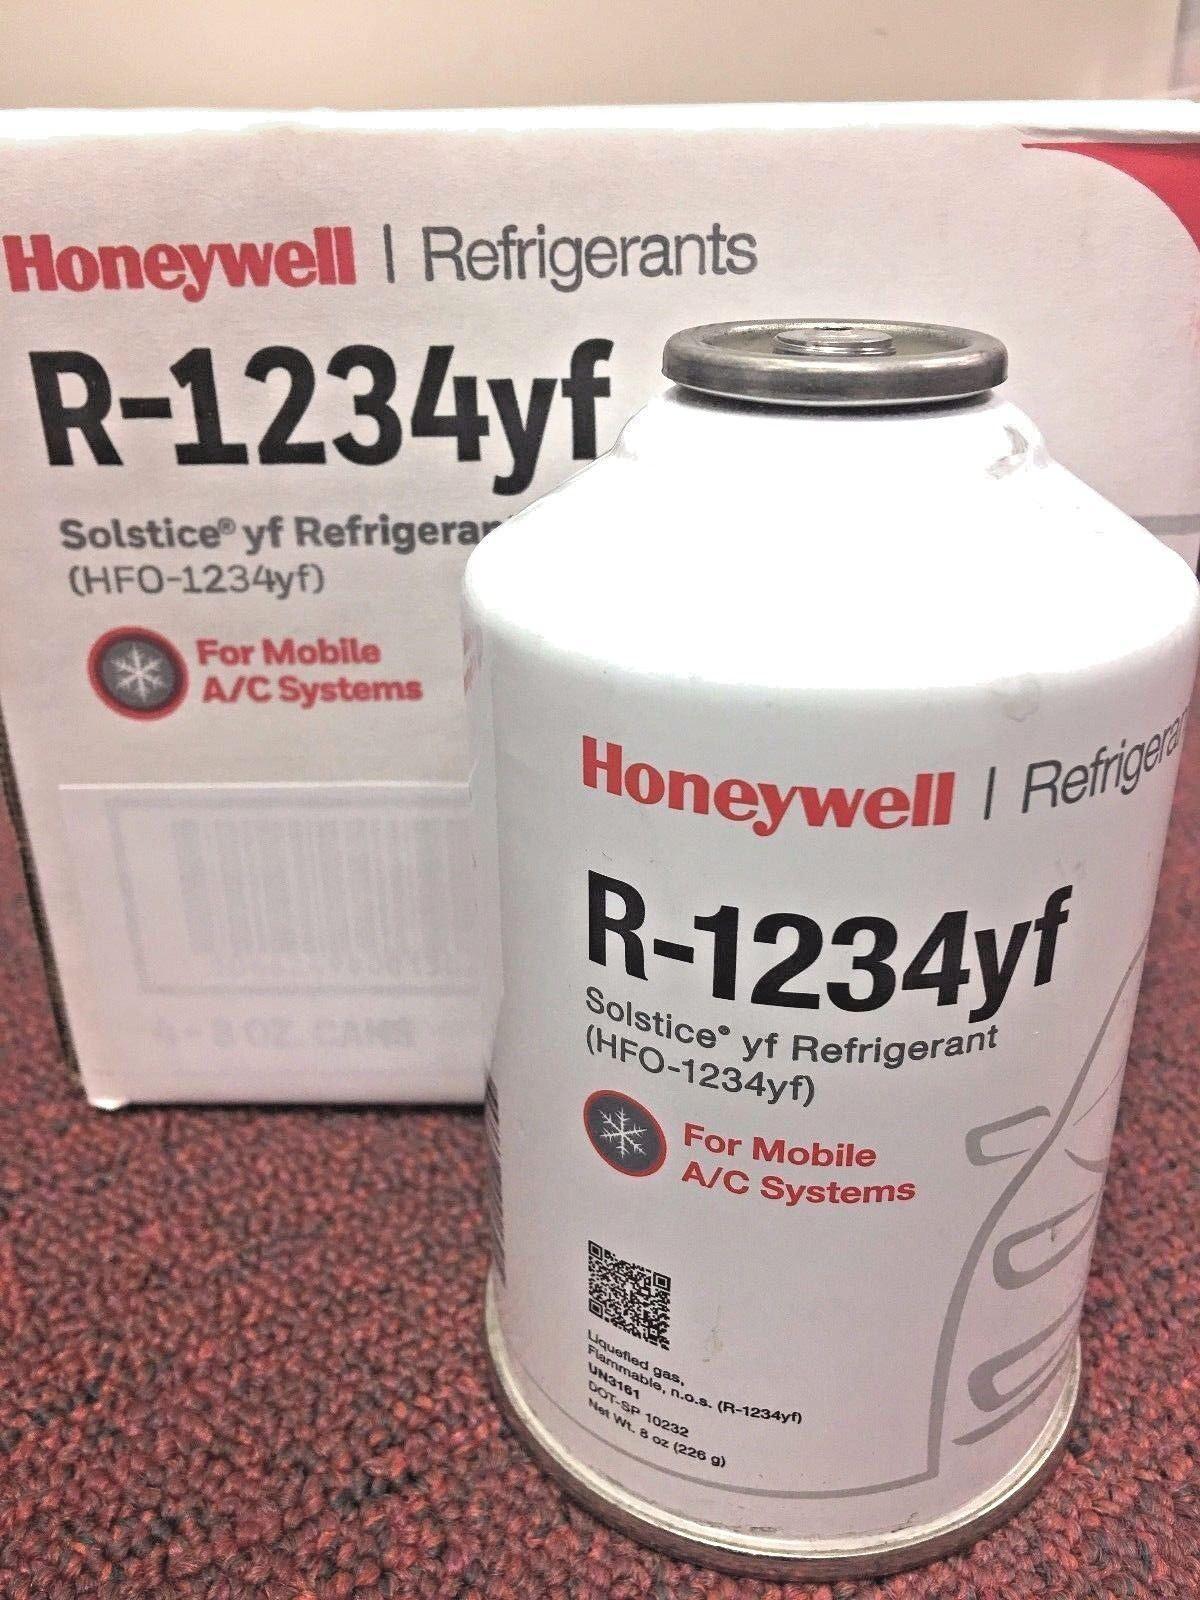 R1234YF 1234yf Refrigerant Honeywell 8 oz Solstice yf Refrigerant R1234yf